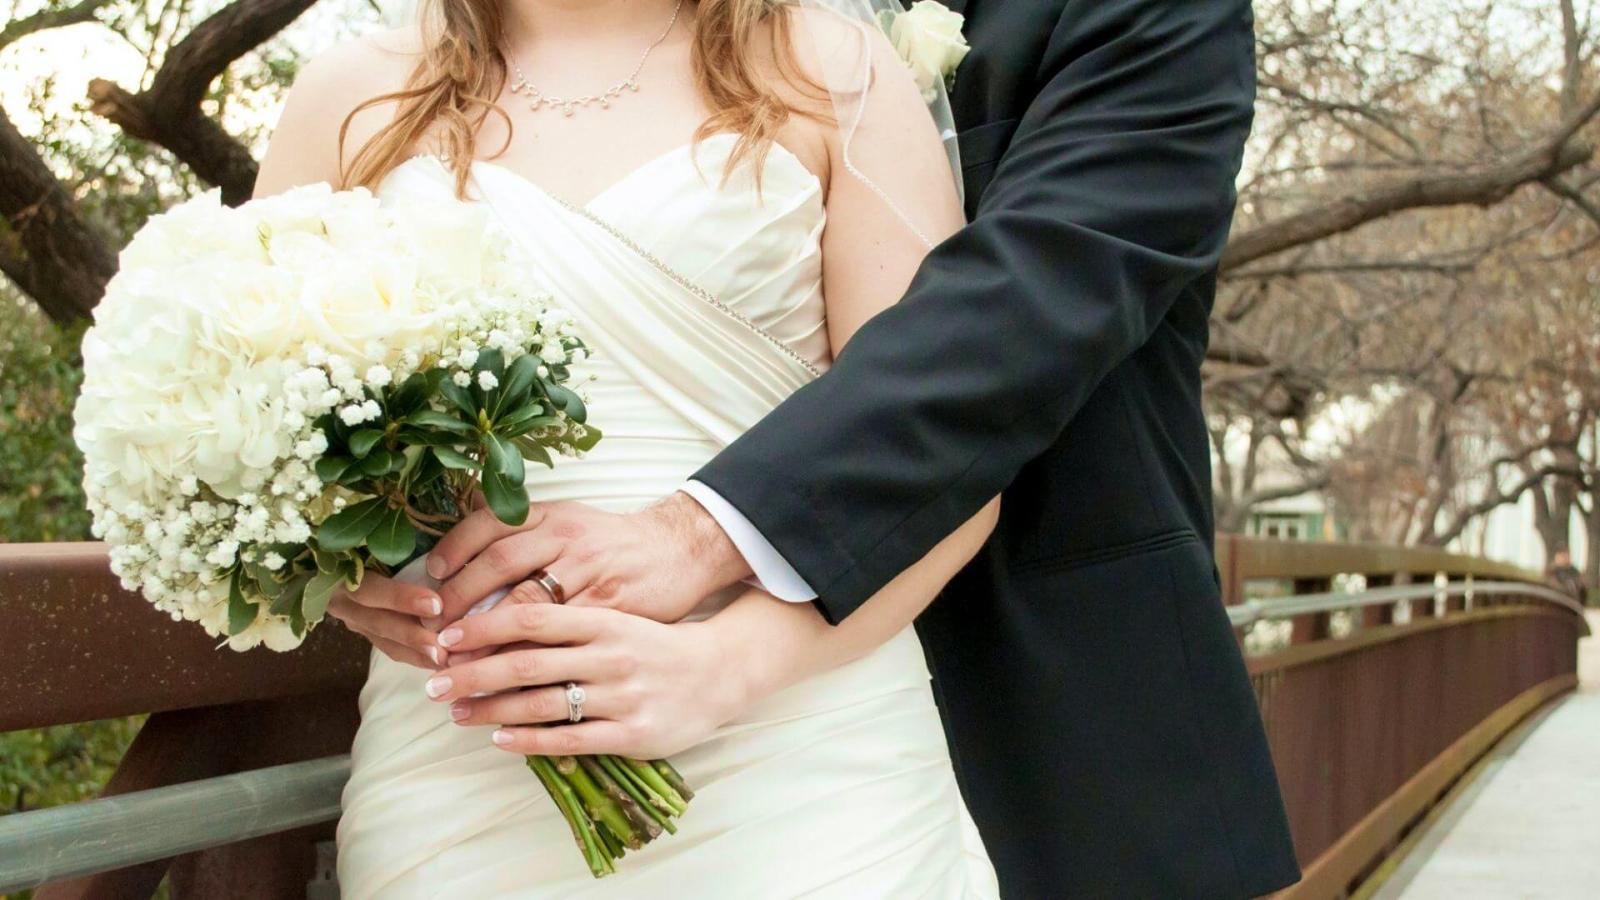 Les mariés posent à Bruay-la-Buissière